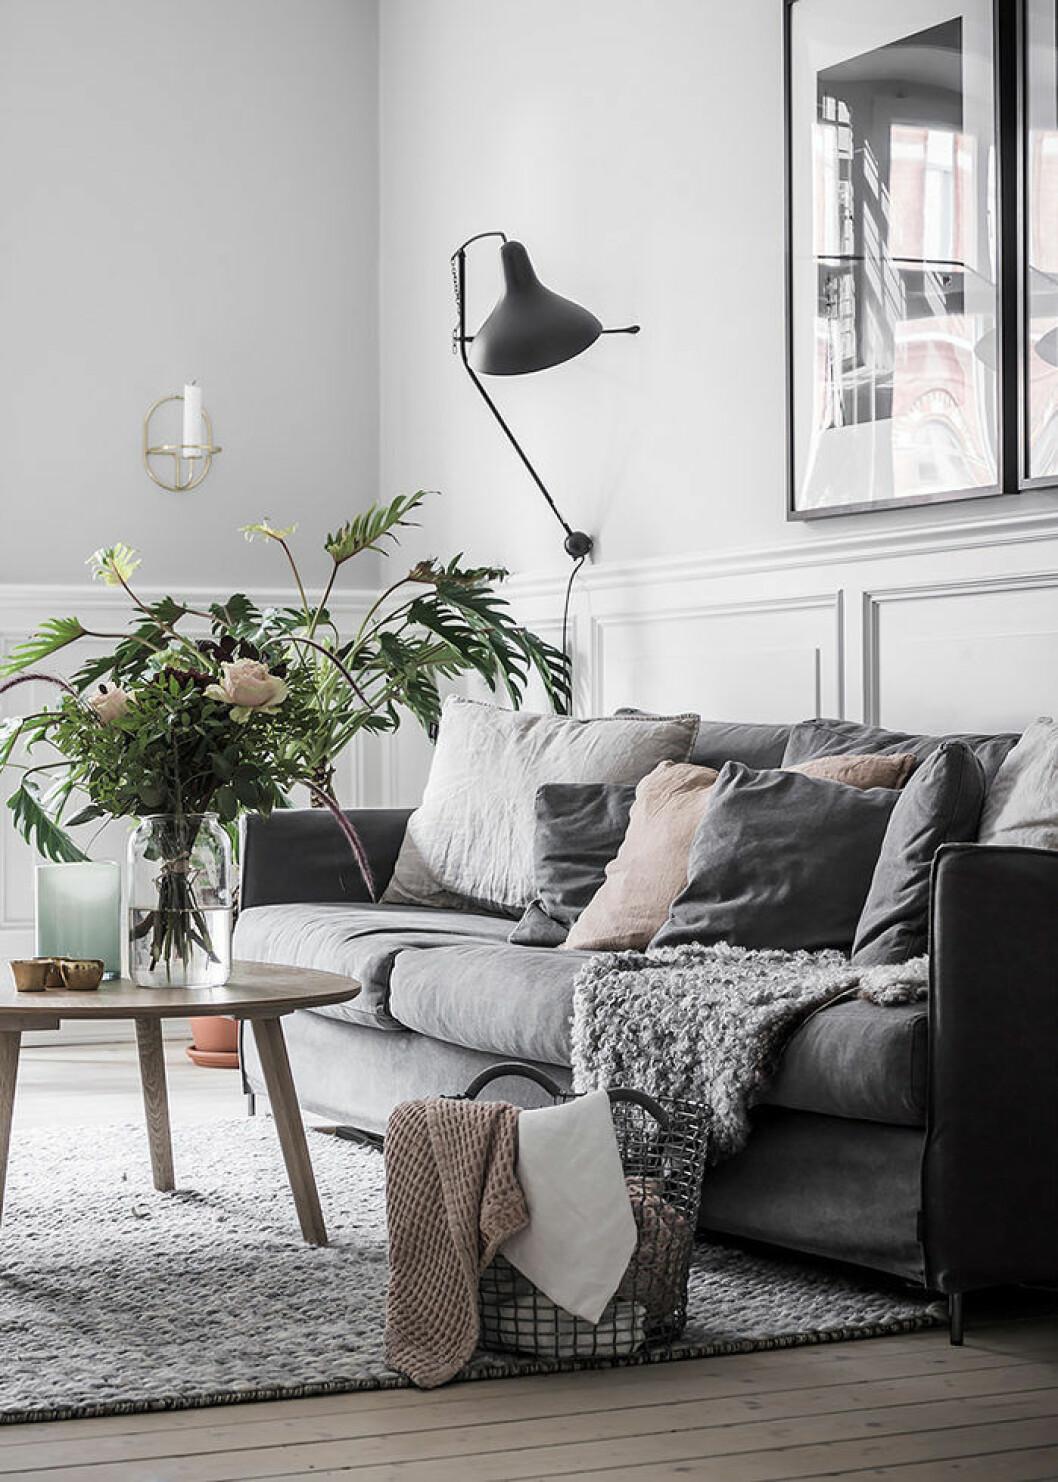 Mysig minimalistiskt vardagsrum med textilier